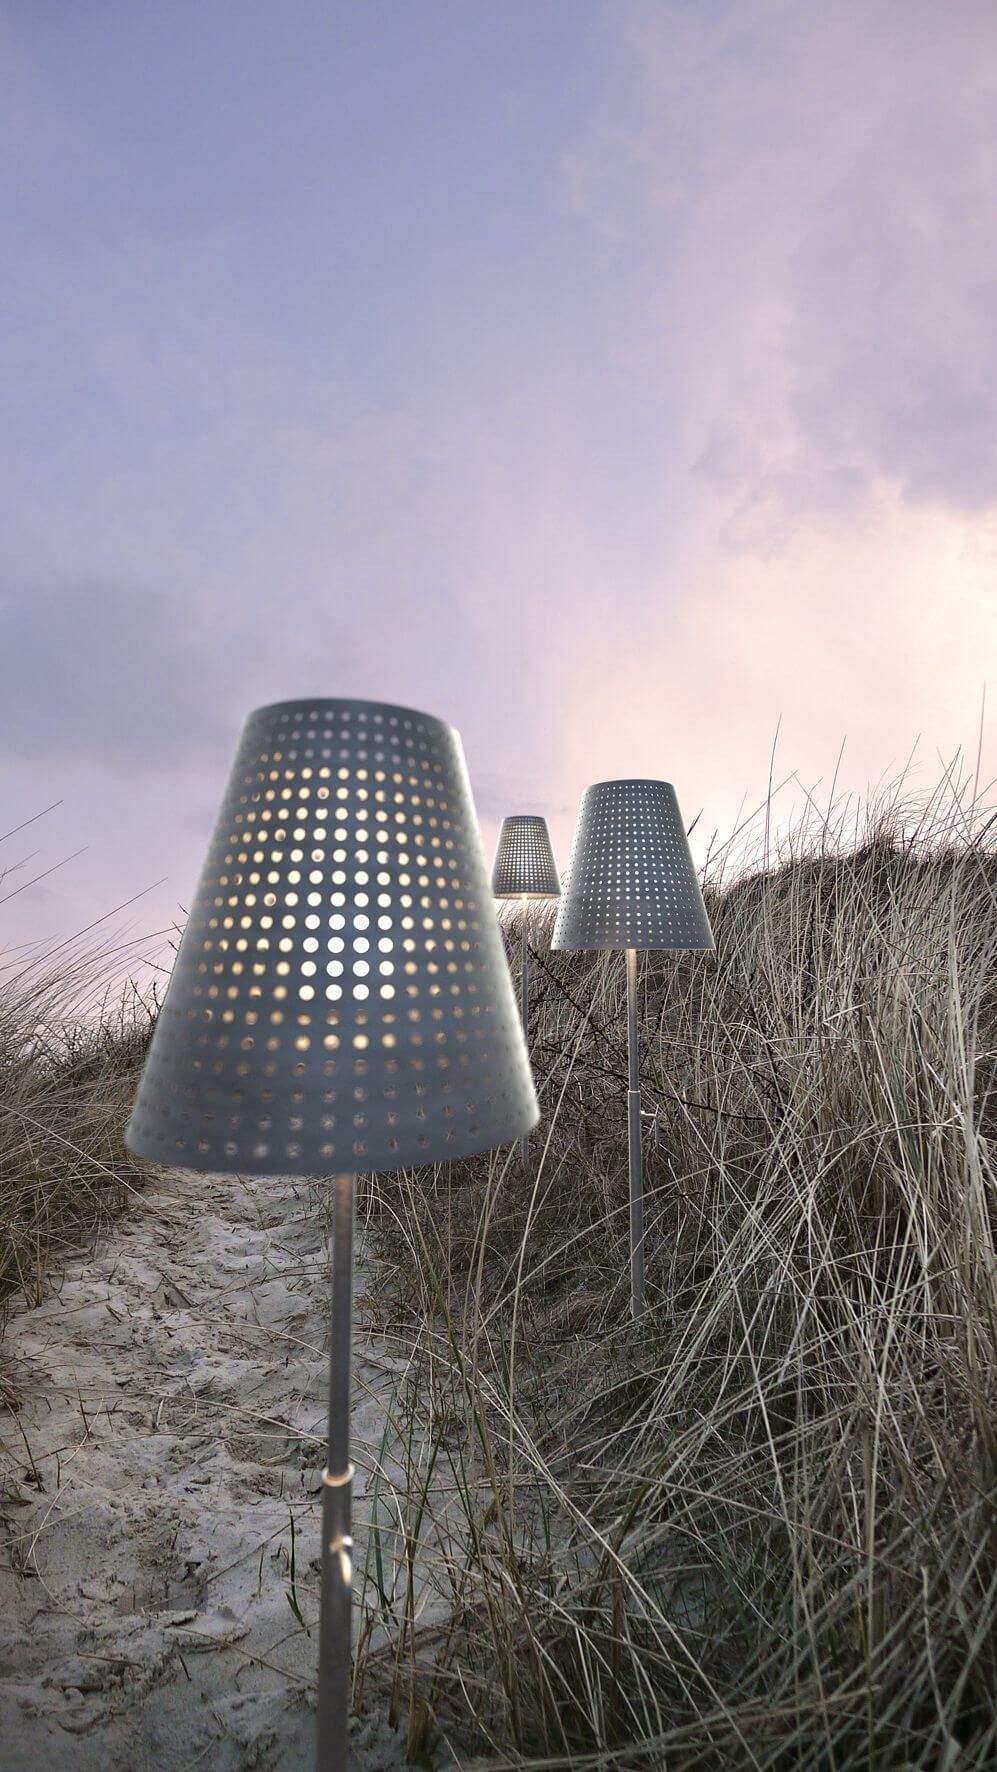 Garten Stehlampe Genial Industrielle Stehlampe Weglampe Fuse